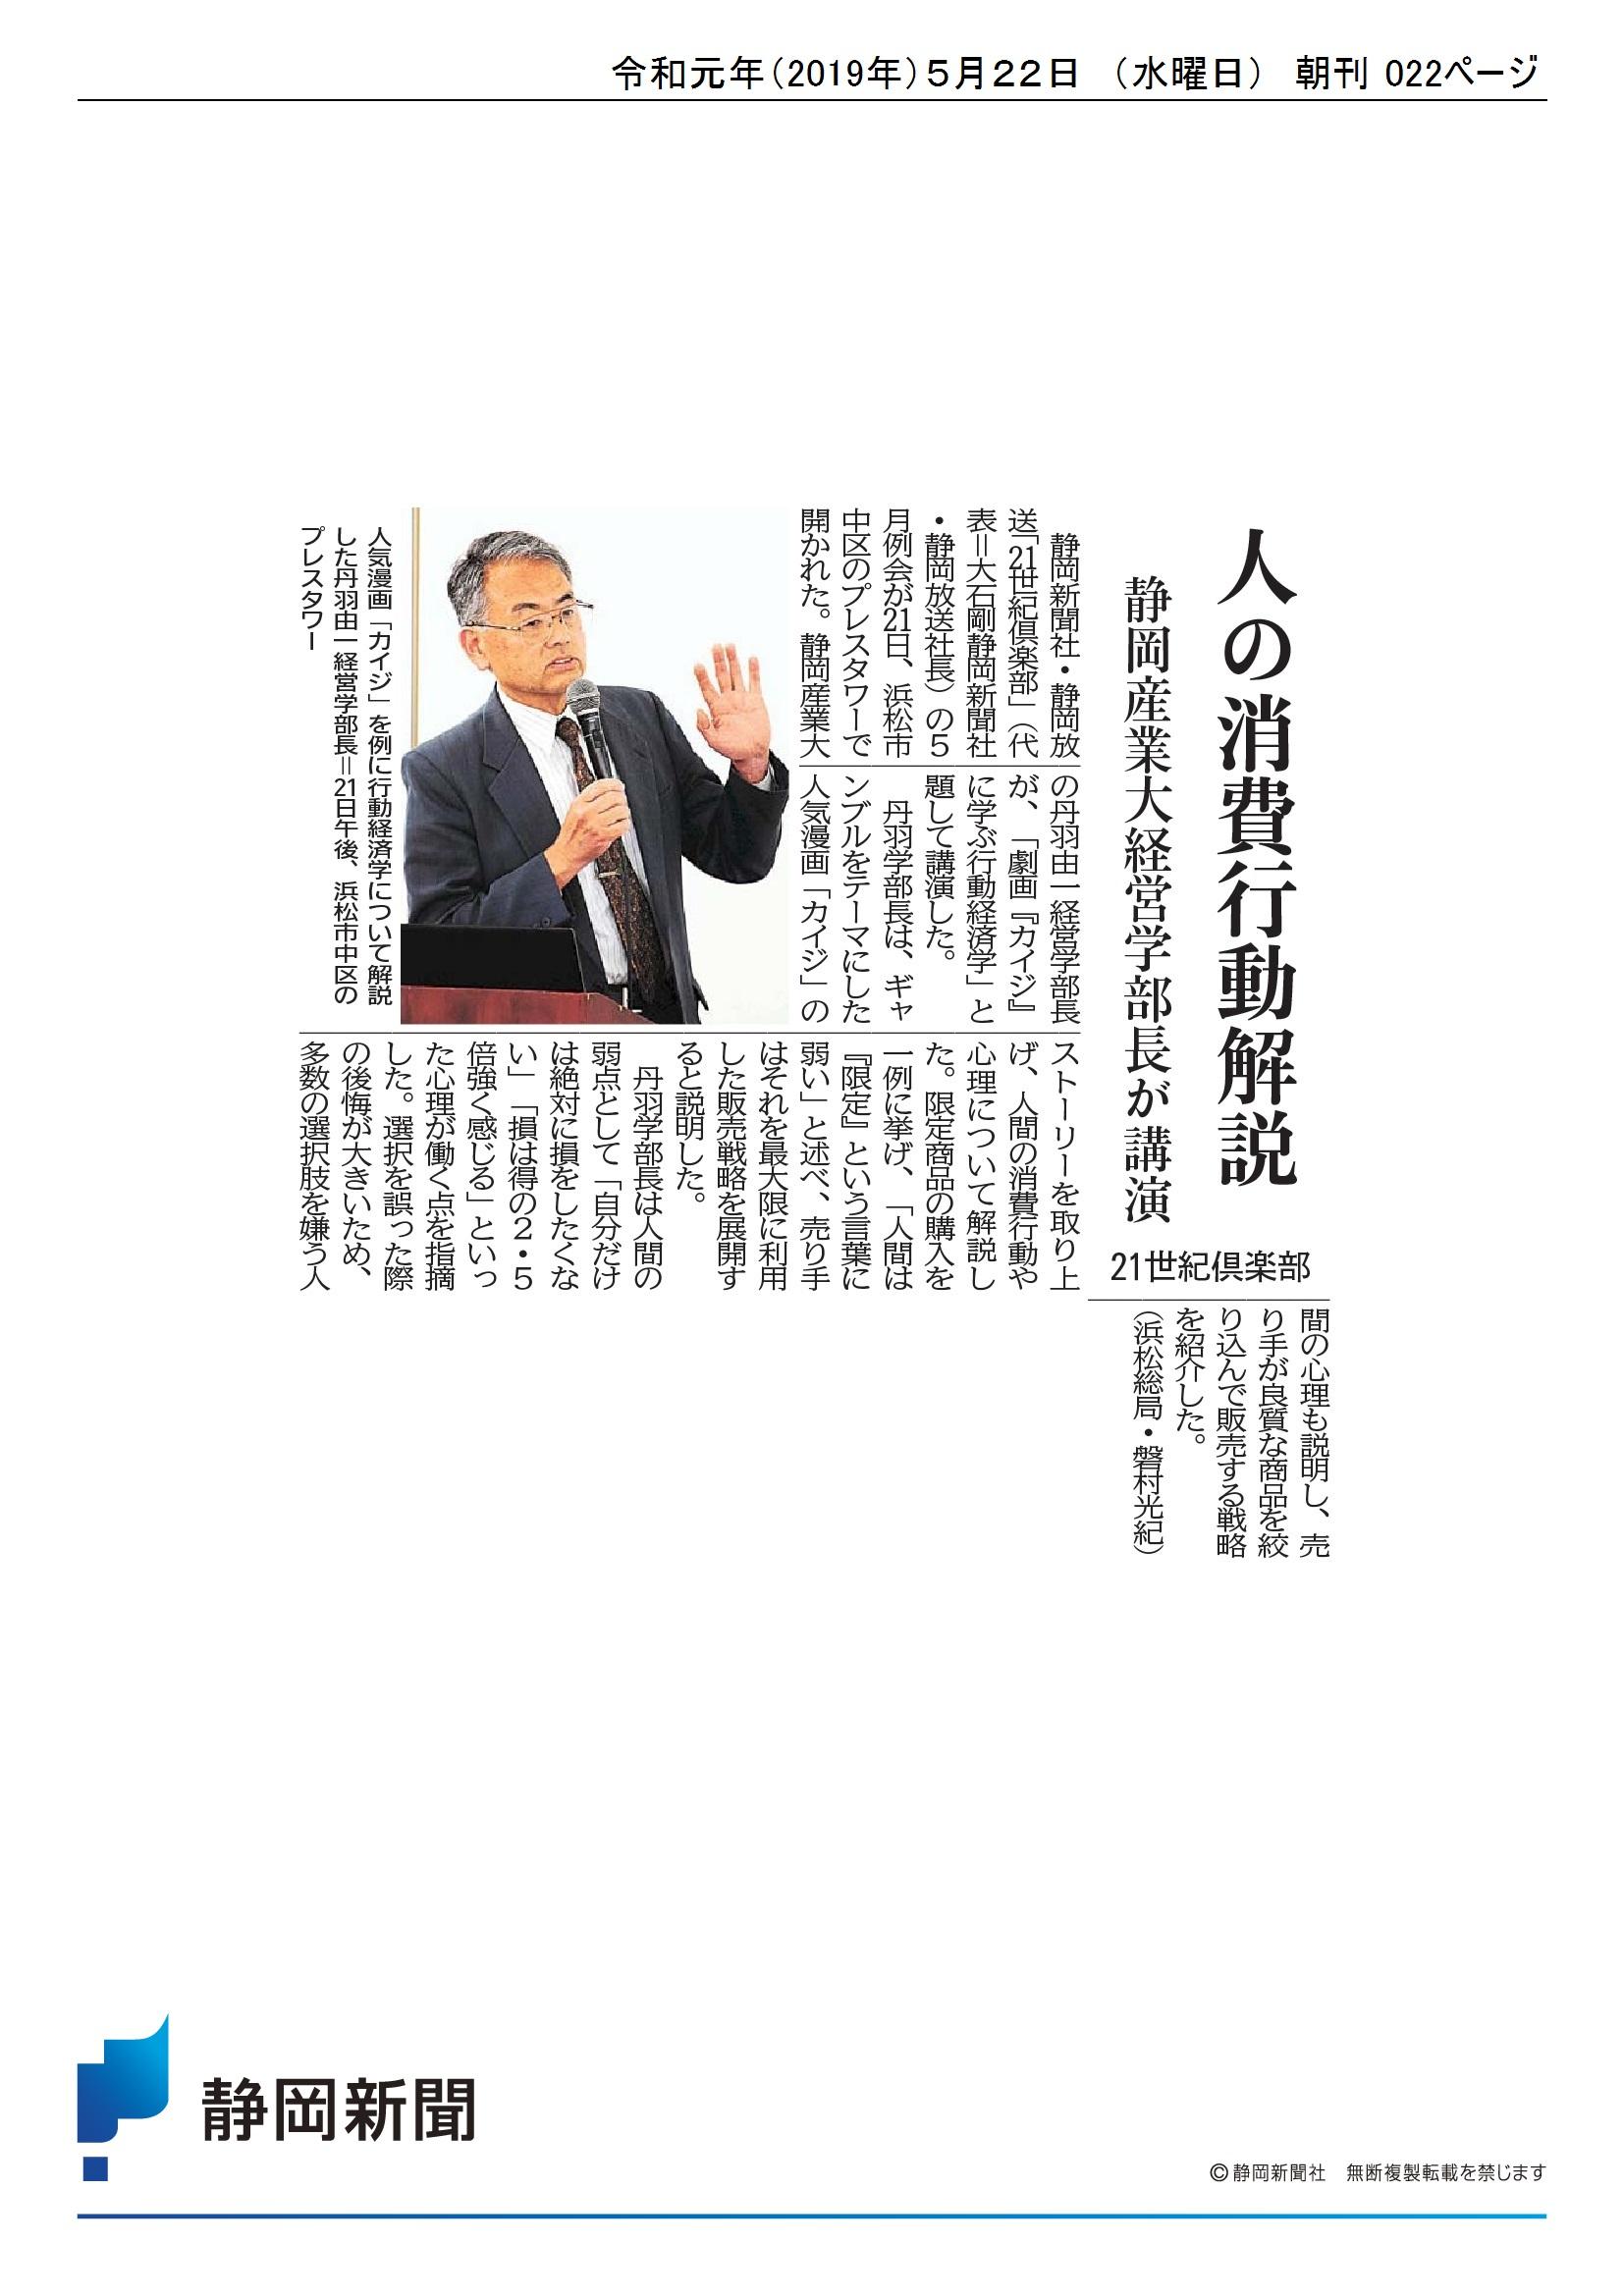 shizuokashinbun2019.5.22niwasensei.jpg